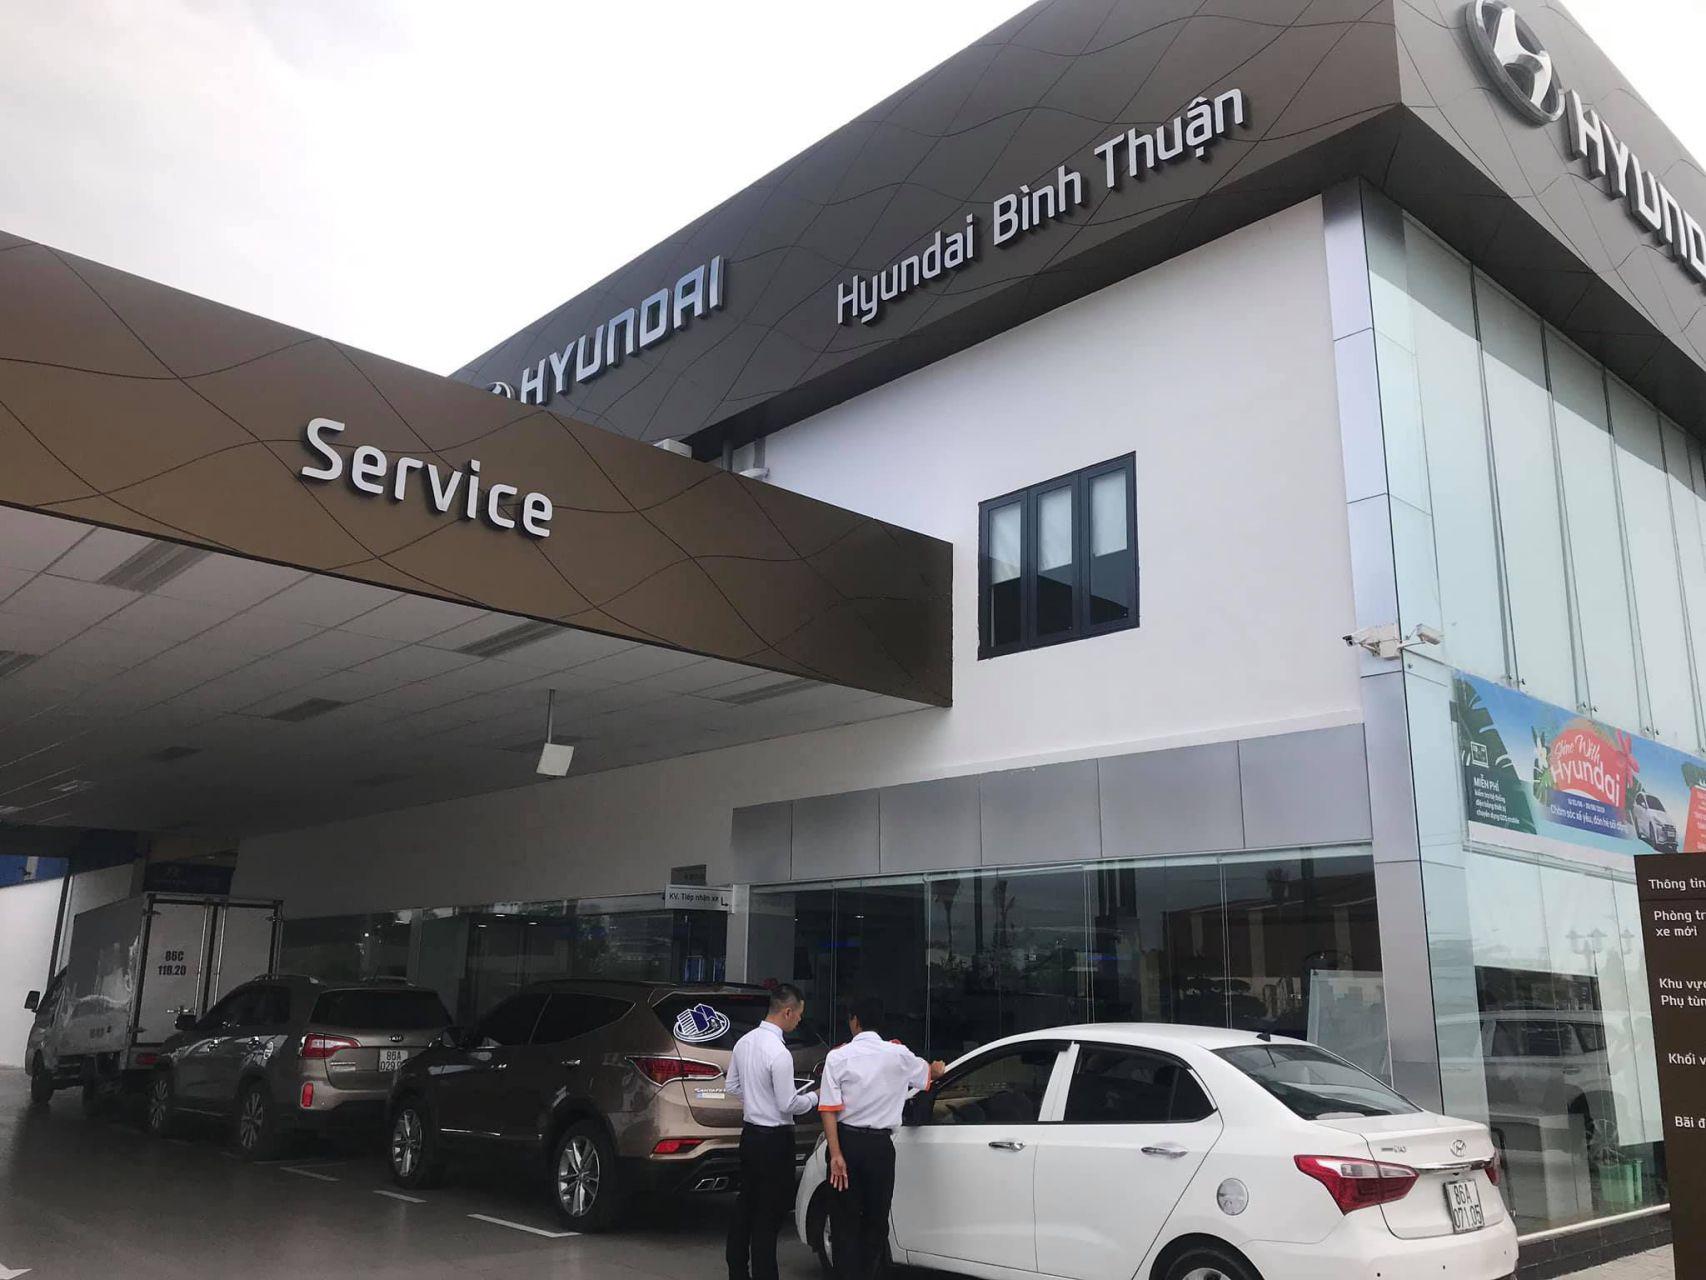 Hyundai Bình Thuận